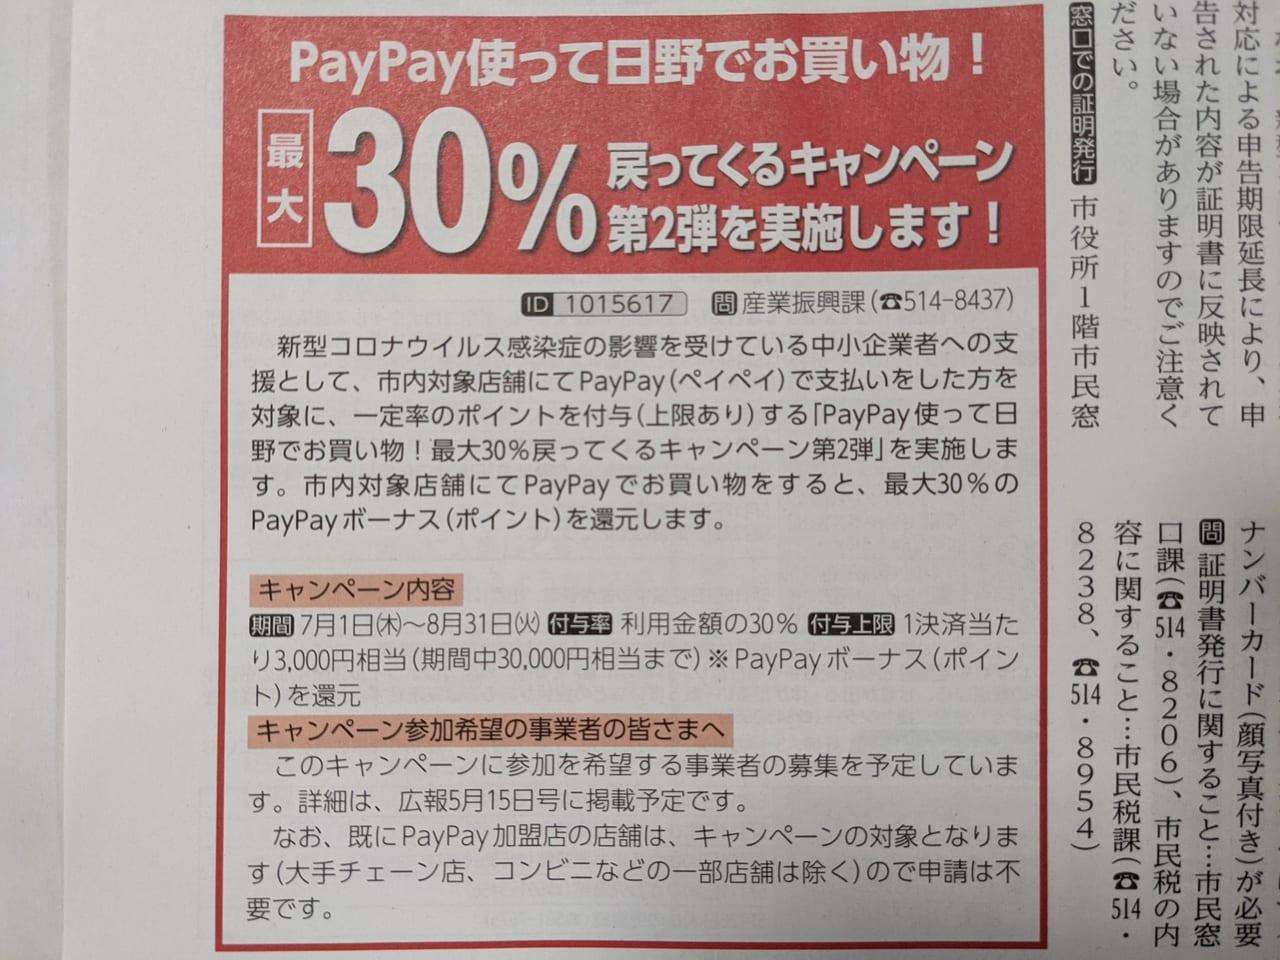 PayPayキャンペーン第2弾!